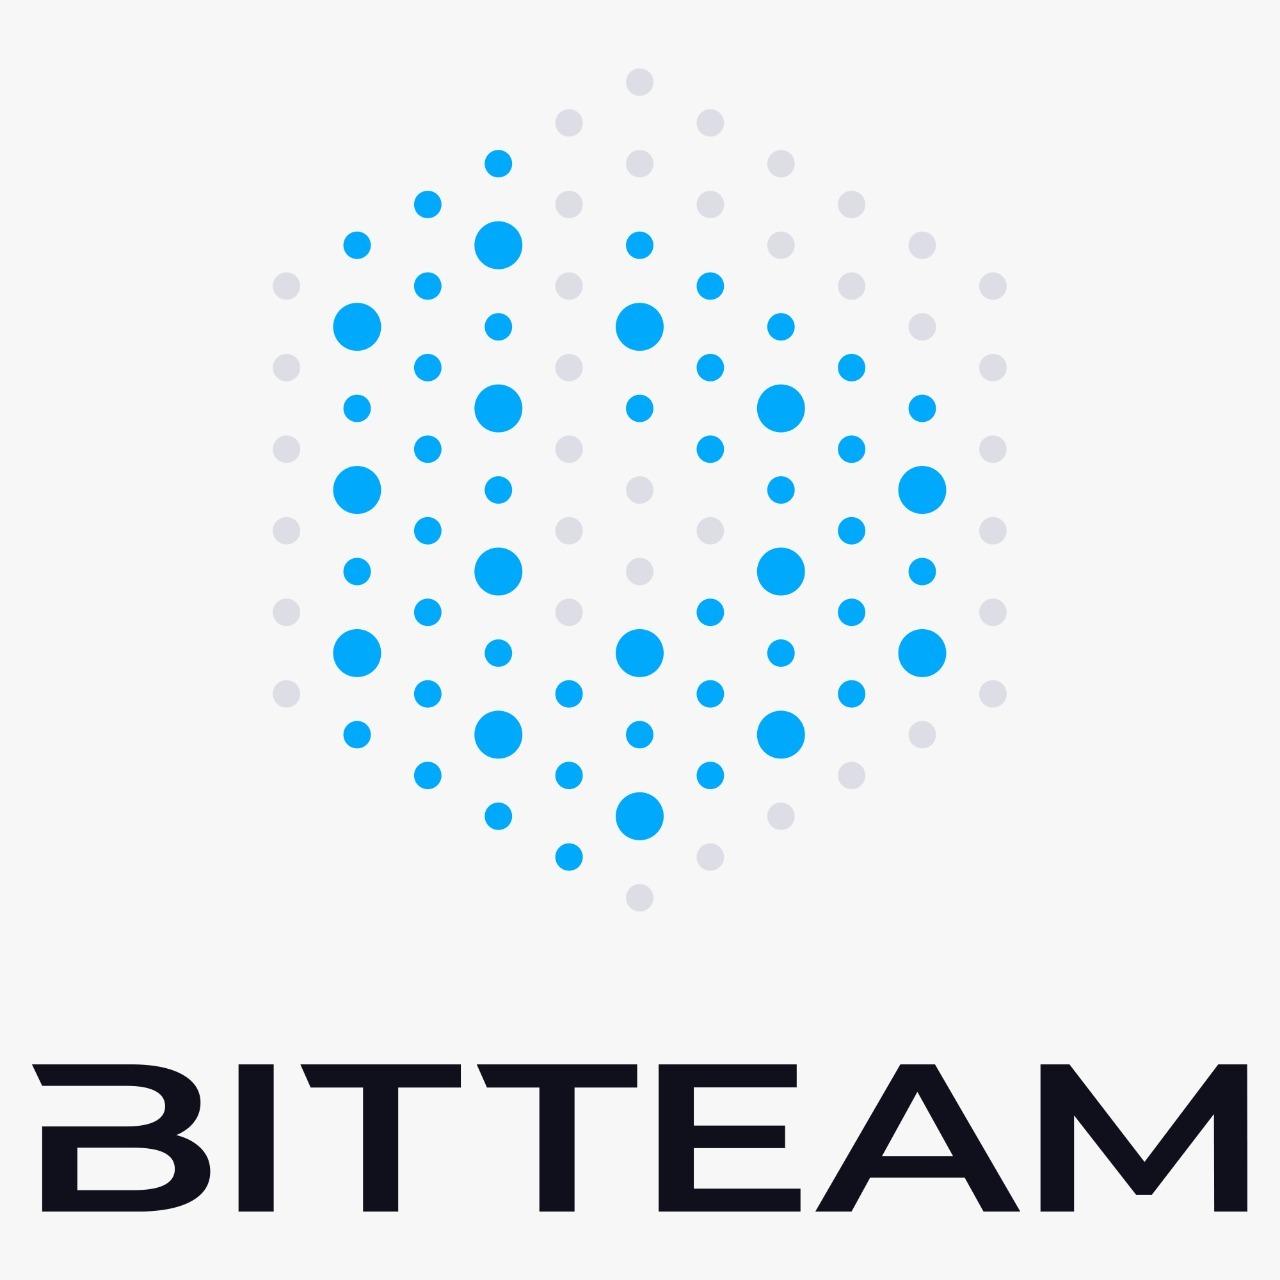 Чем порадует пользователей новое обновления от Bit.team?